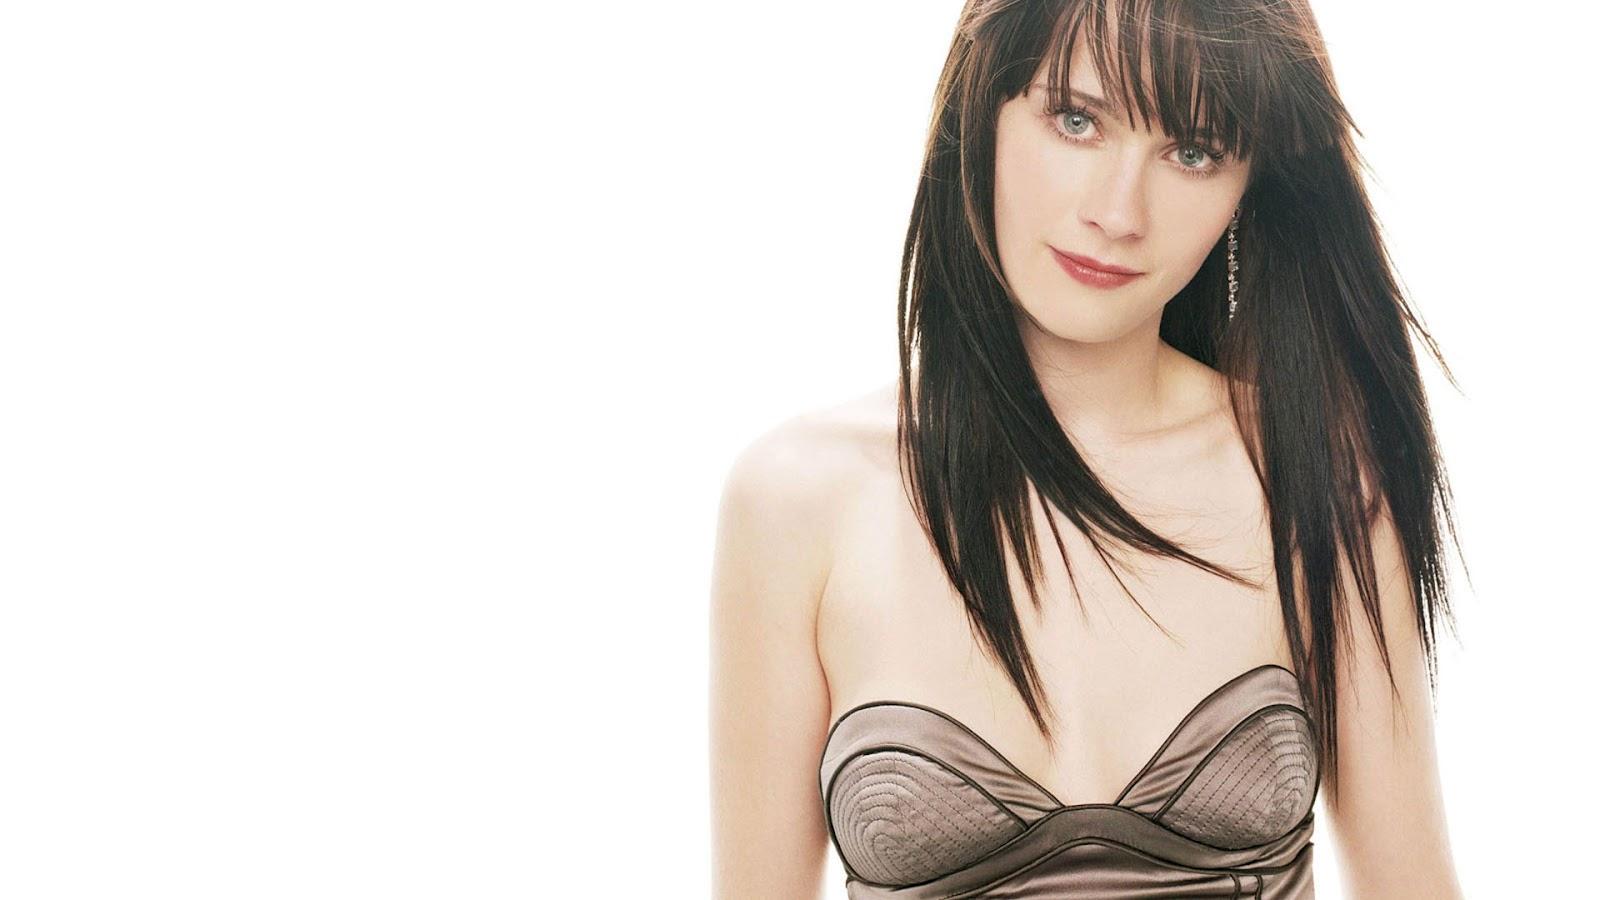 http://3.bp.blogspot.com/-o2rs3z6E7Hg/UBYux3UpGEI/AAAAAAAAGdM/3gfrx8ytaFk/s1600/yes-man-actress-zooey-deschanel.jpg